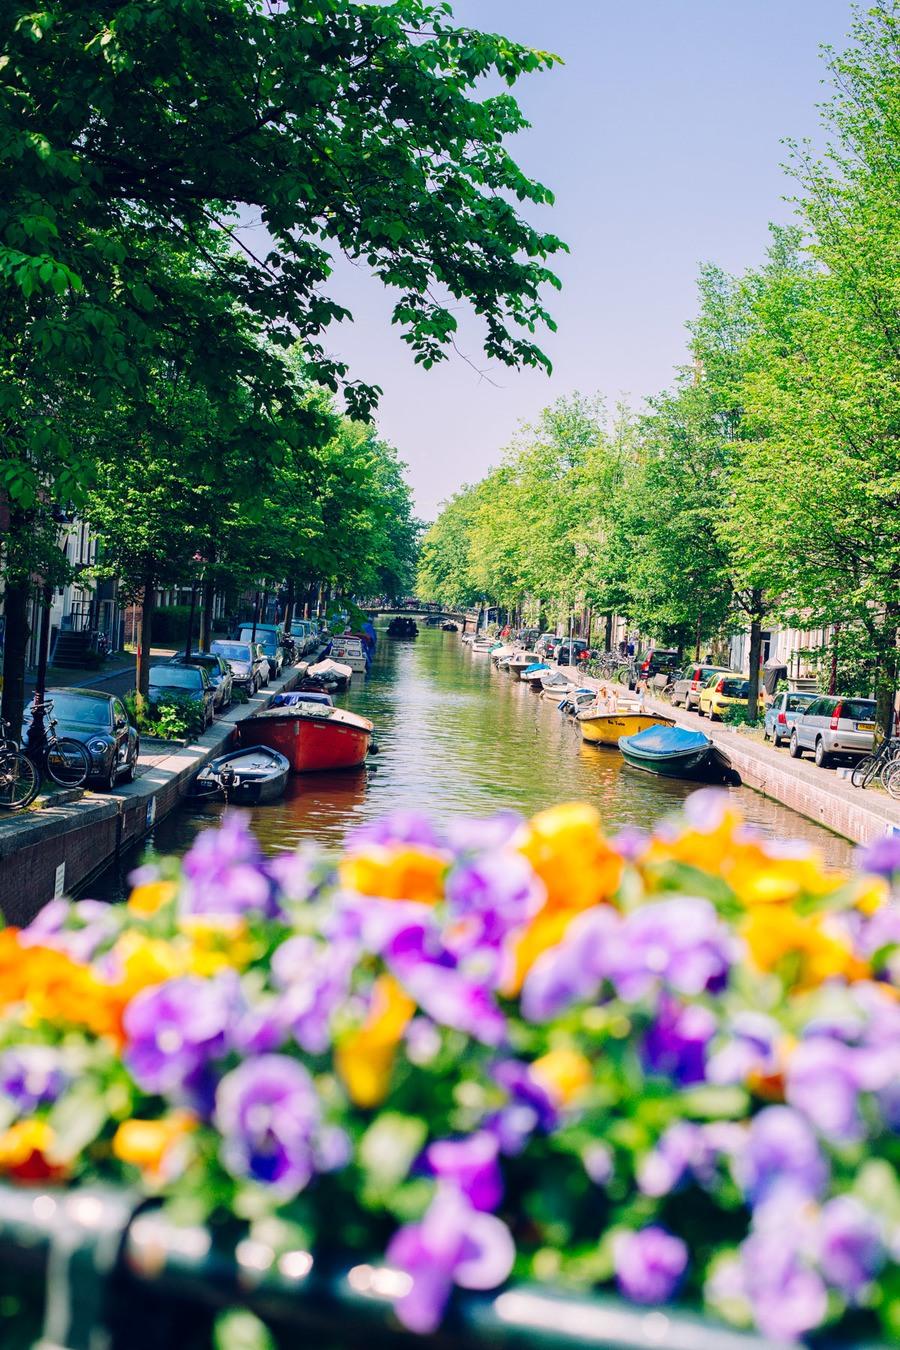 Les canaux en fleurs à Amsterdam